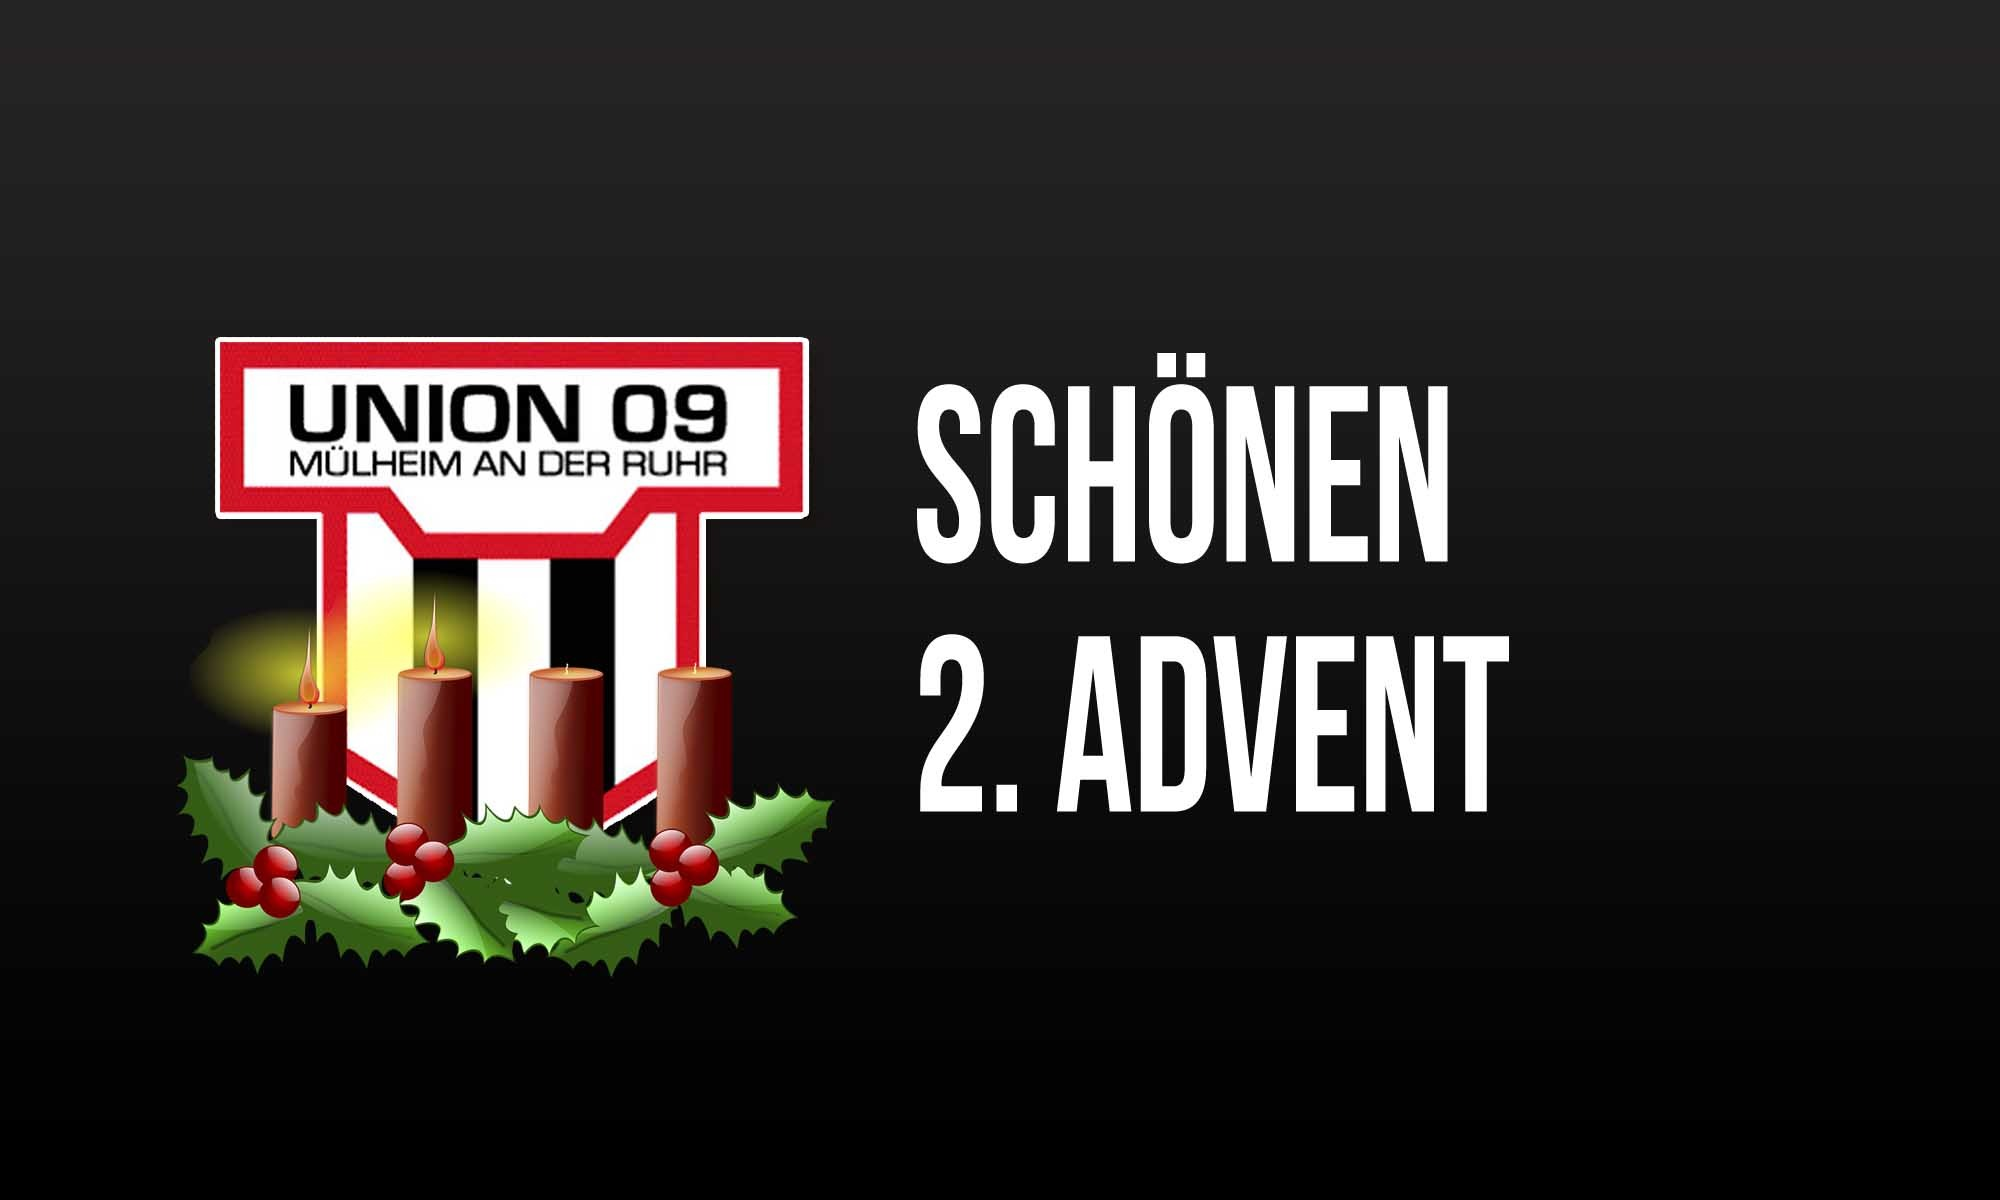 Einen schönen 2. Advent wünscht der TuS Union 09 Mülheim